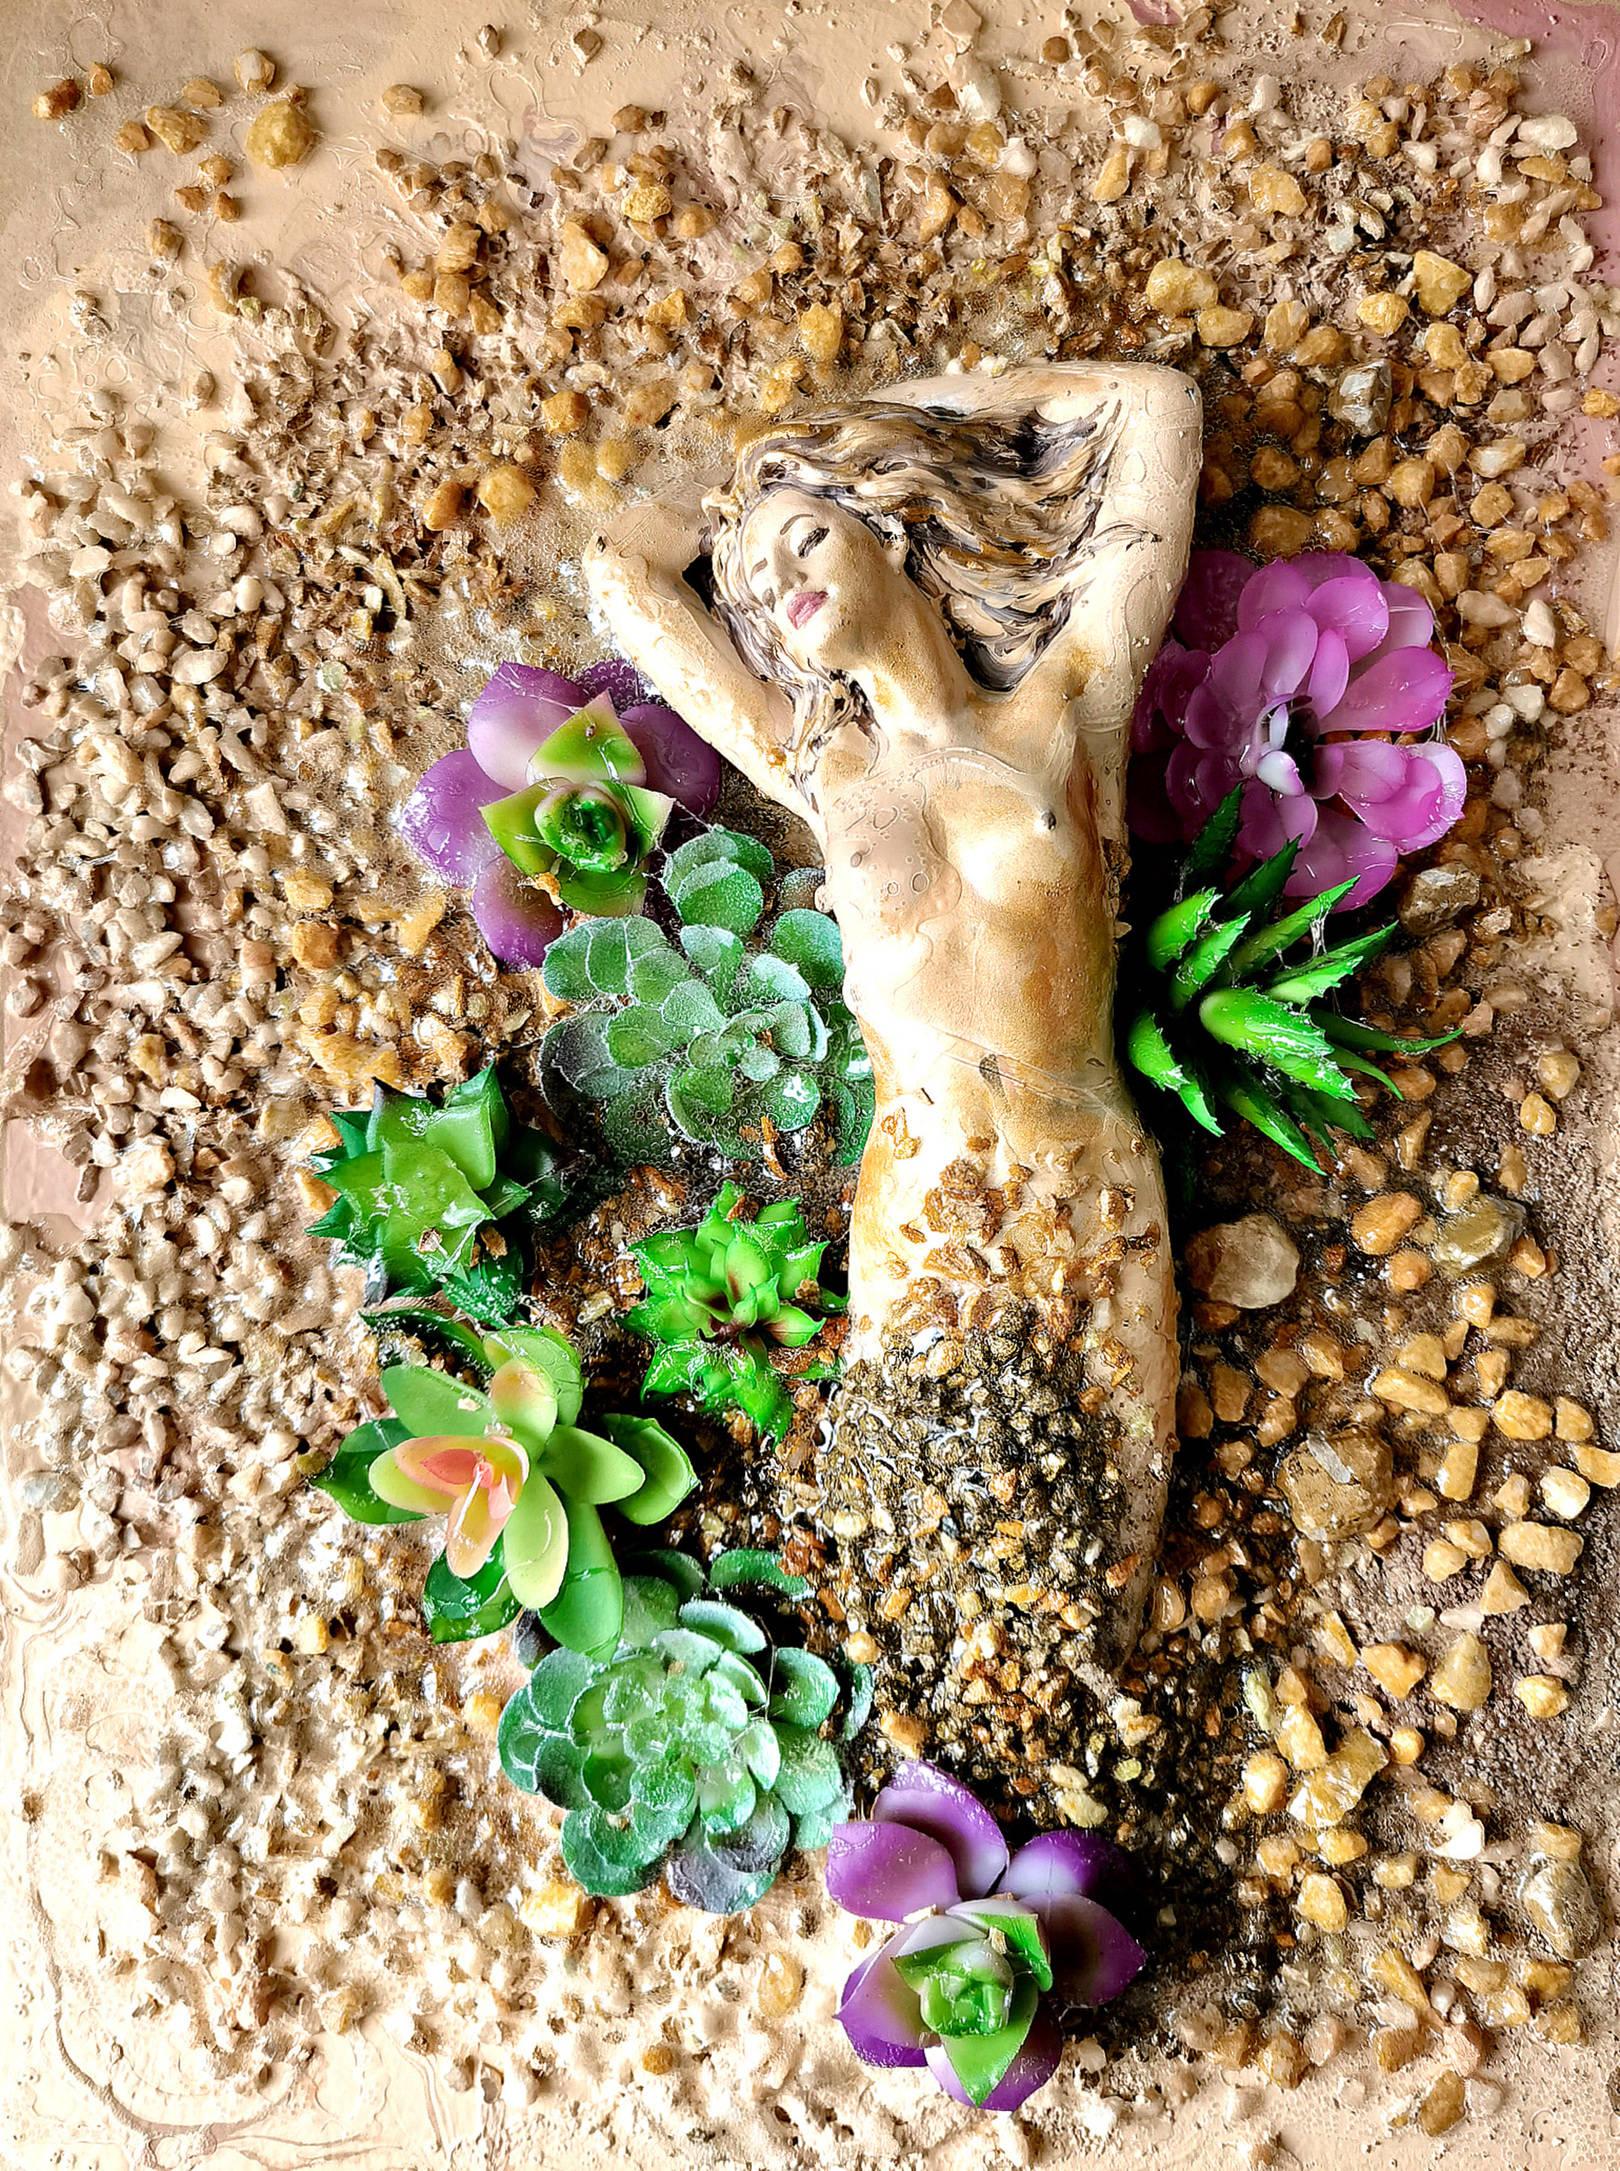 Акрил, деревянная панель, декоративные суккуленты, песок, камни, гель с эффектом воды, гипс